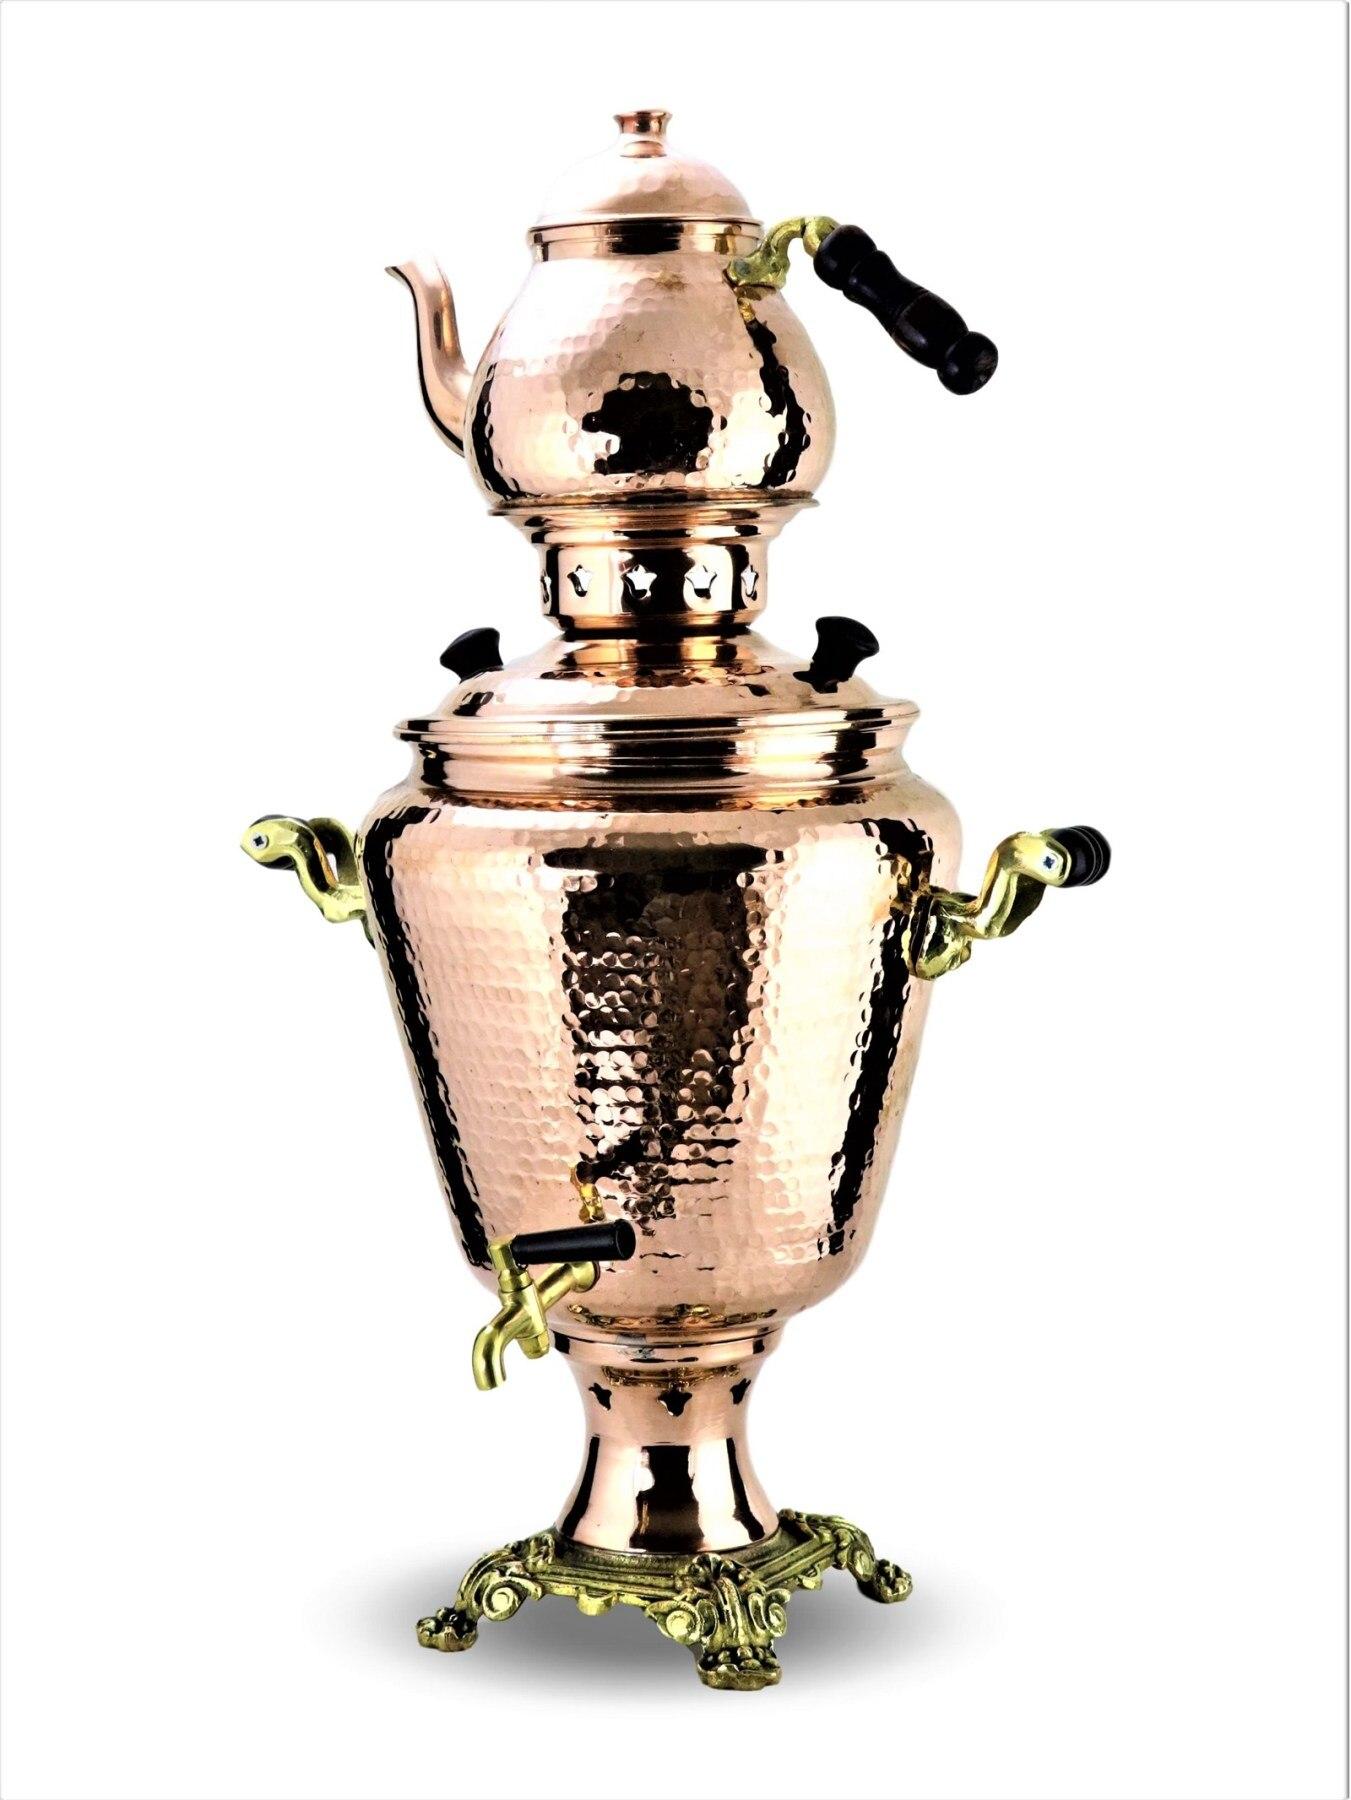 SONAY медь новая модель кованая медь самовар никель используется с углем, 1 мм толщиной 4 л Емкость